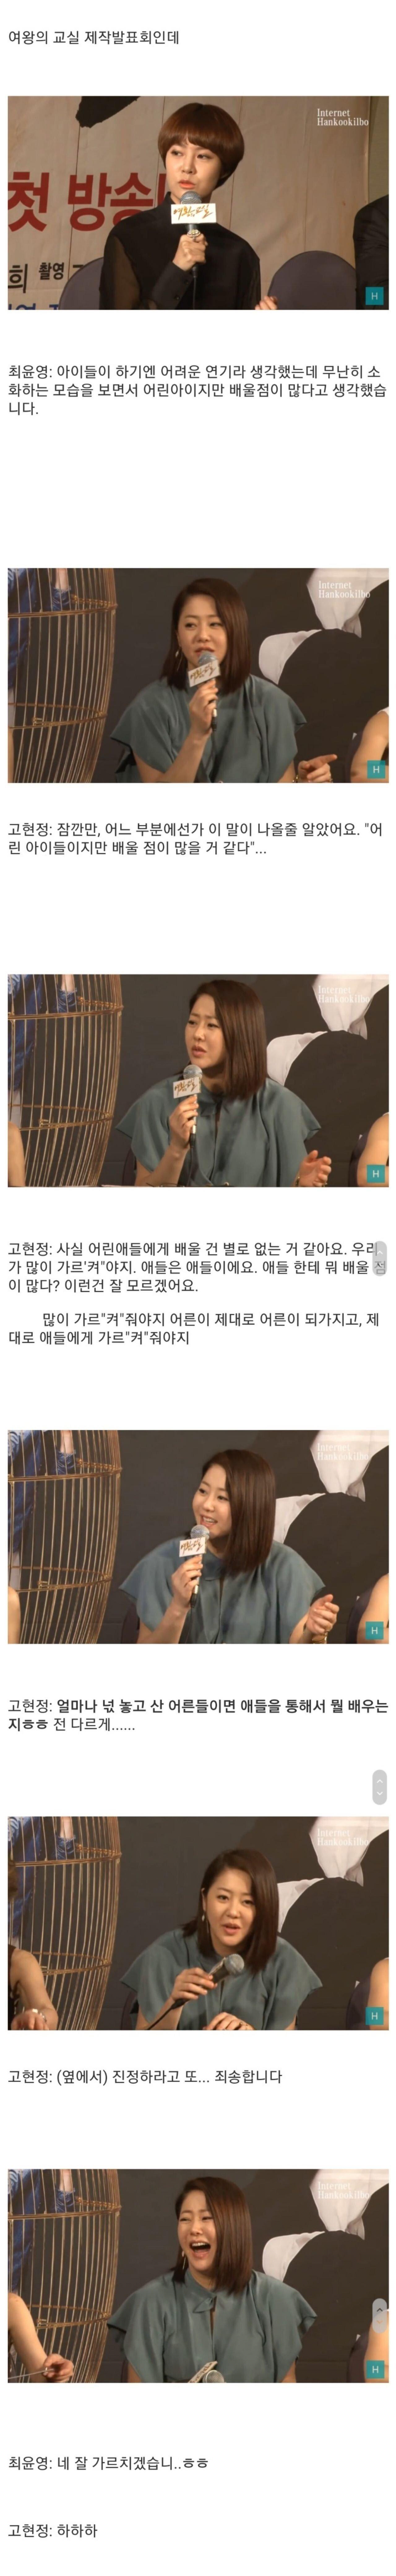 드라마 발표회 중 갑분싸.jpg